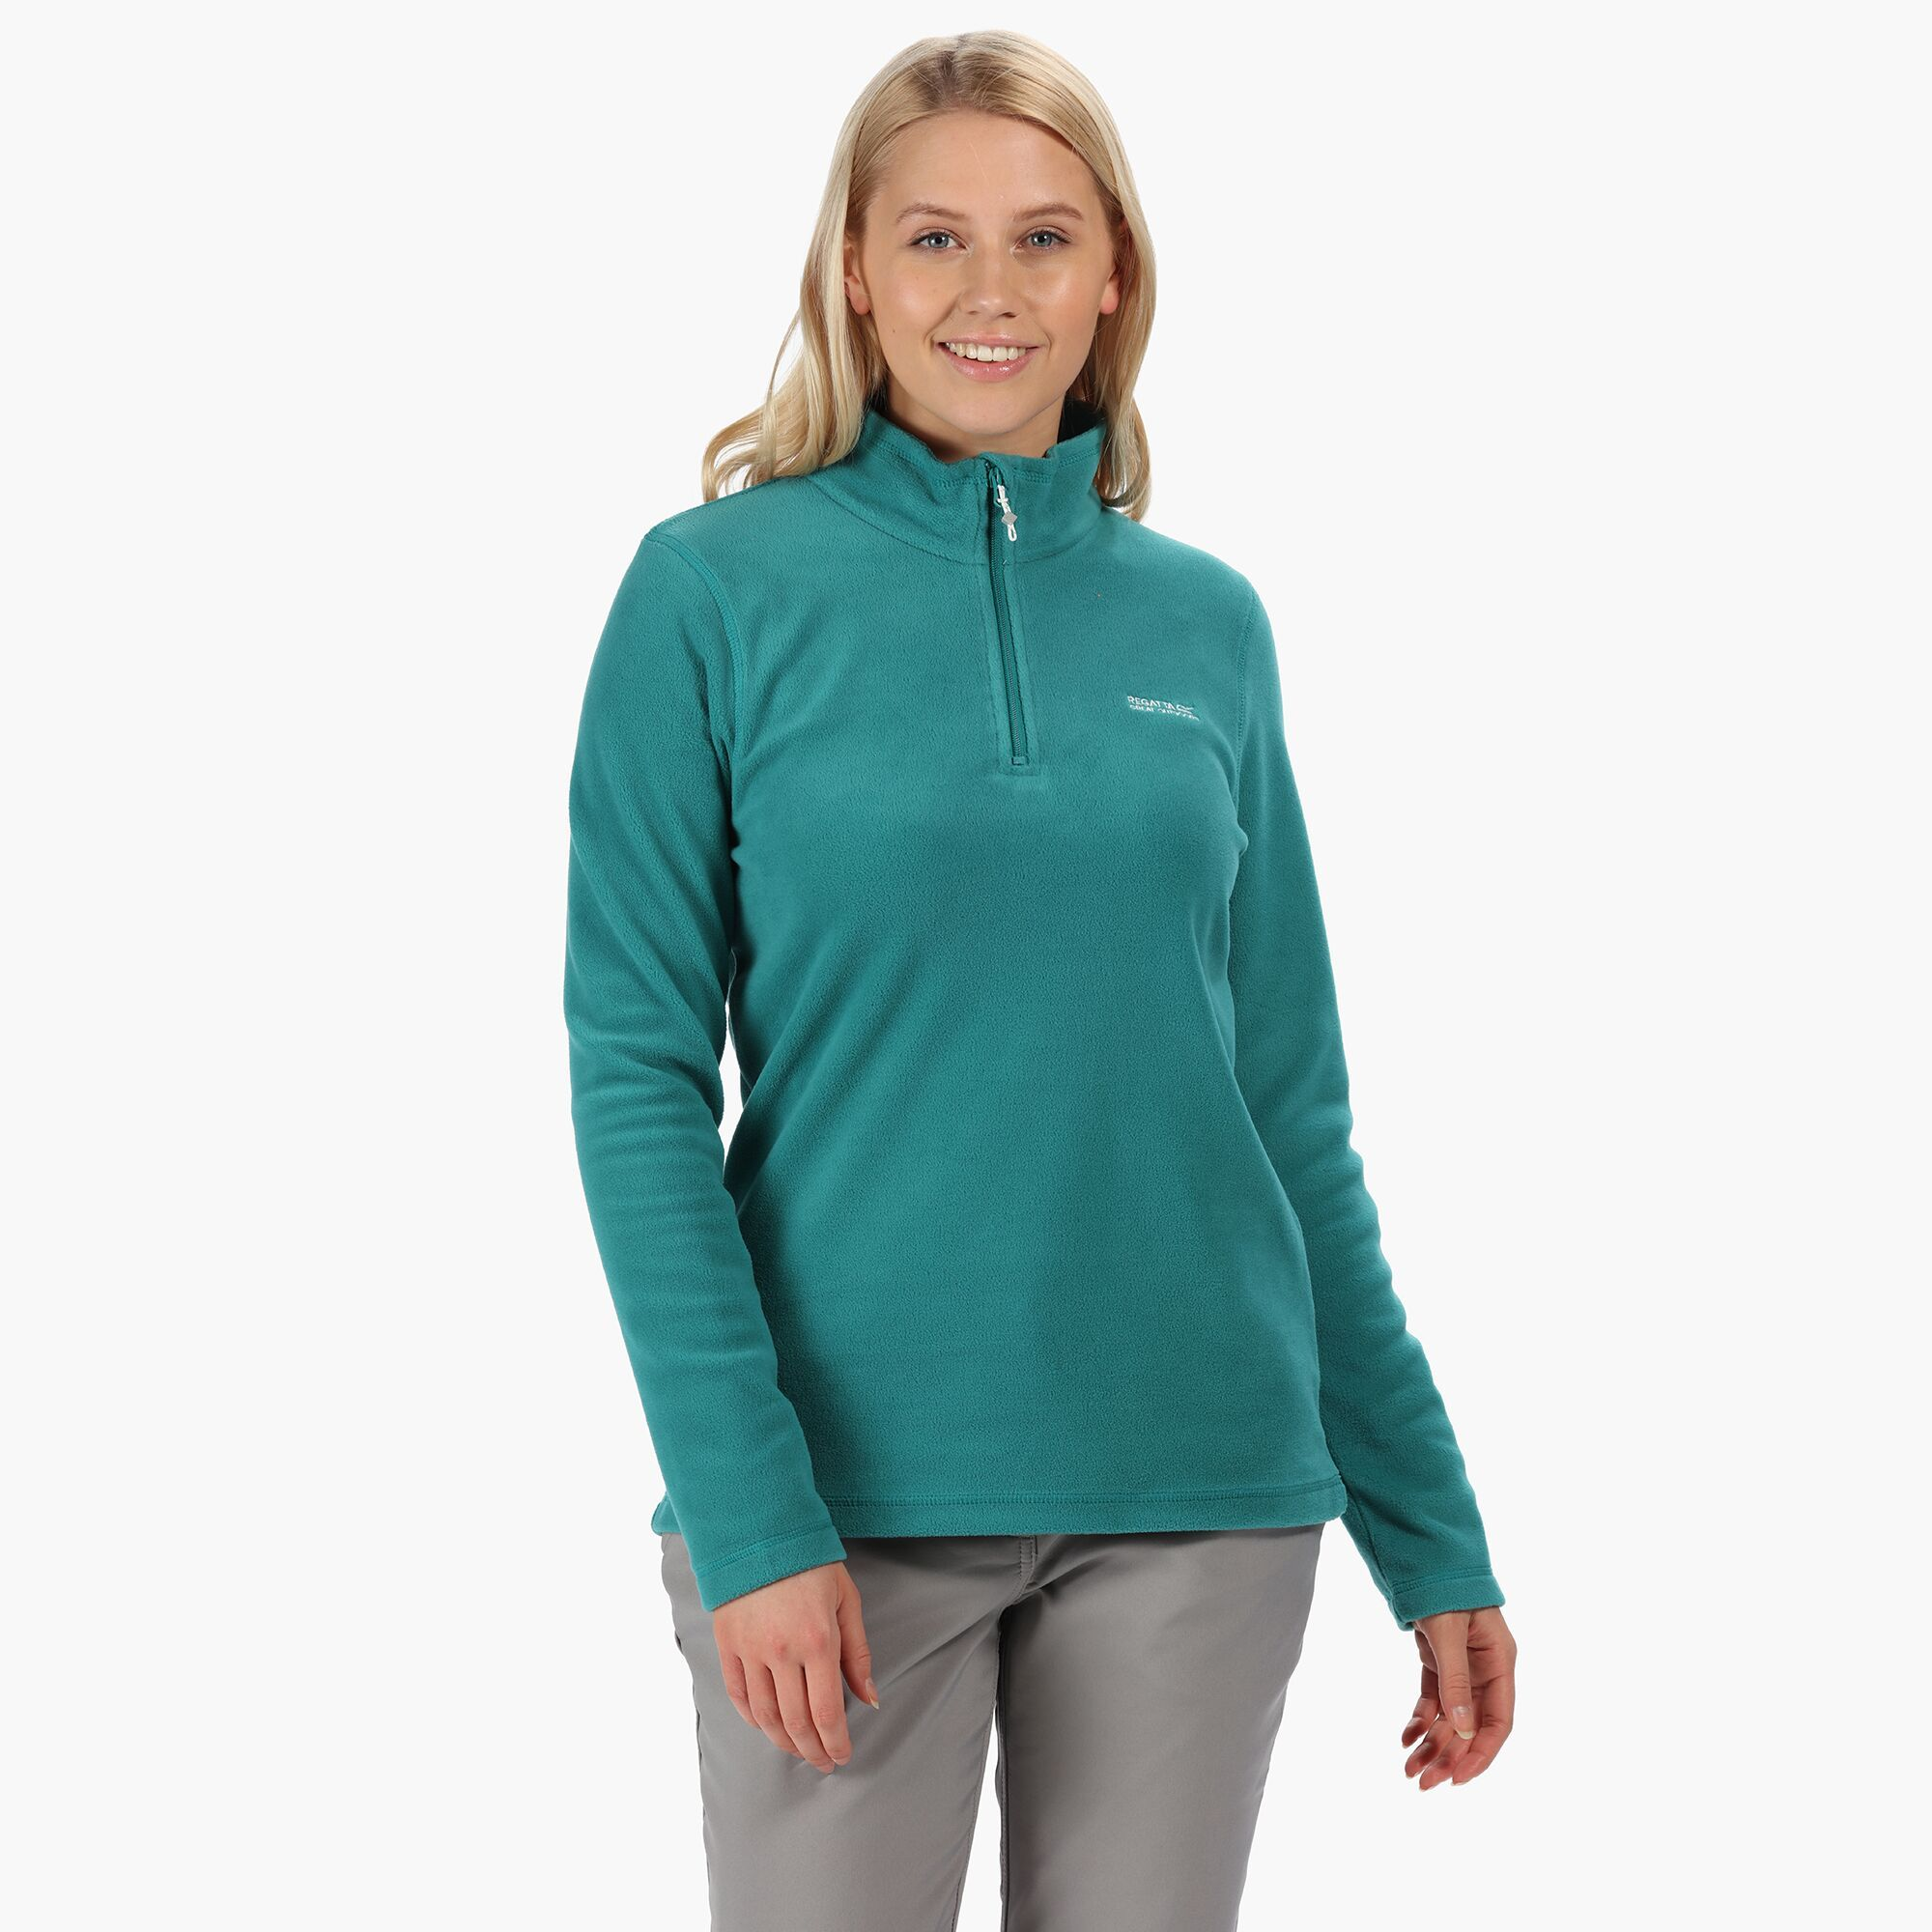 Regatta Great Outdoors Womens/Ladies Sweetheart 1/4 Zip Fleece Top